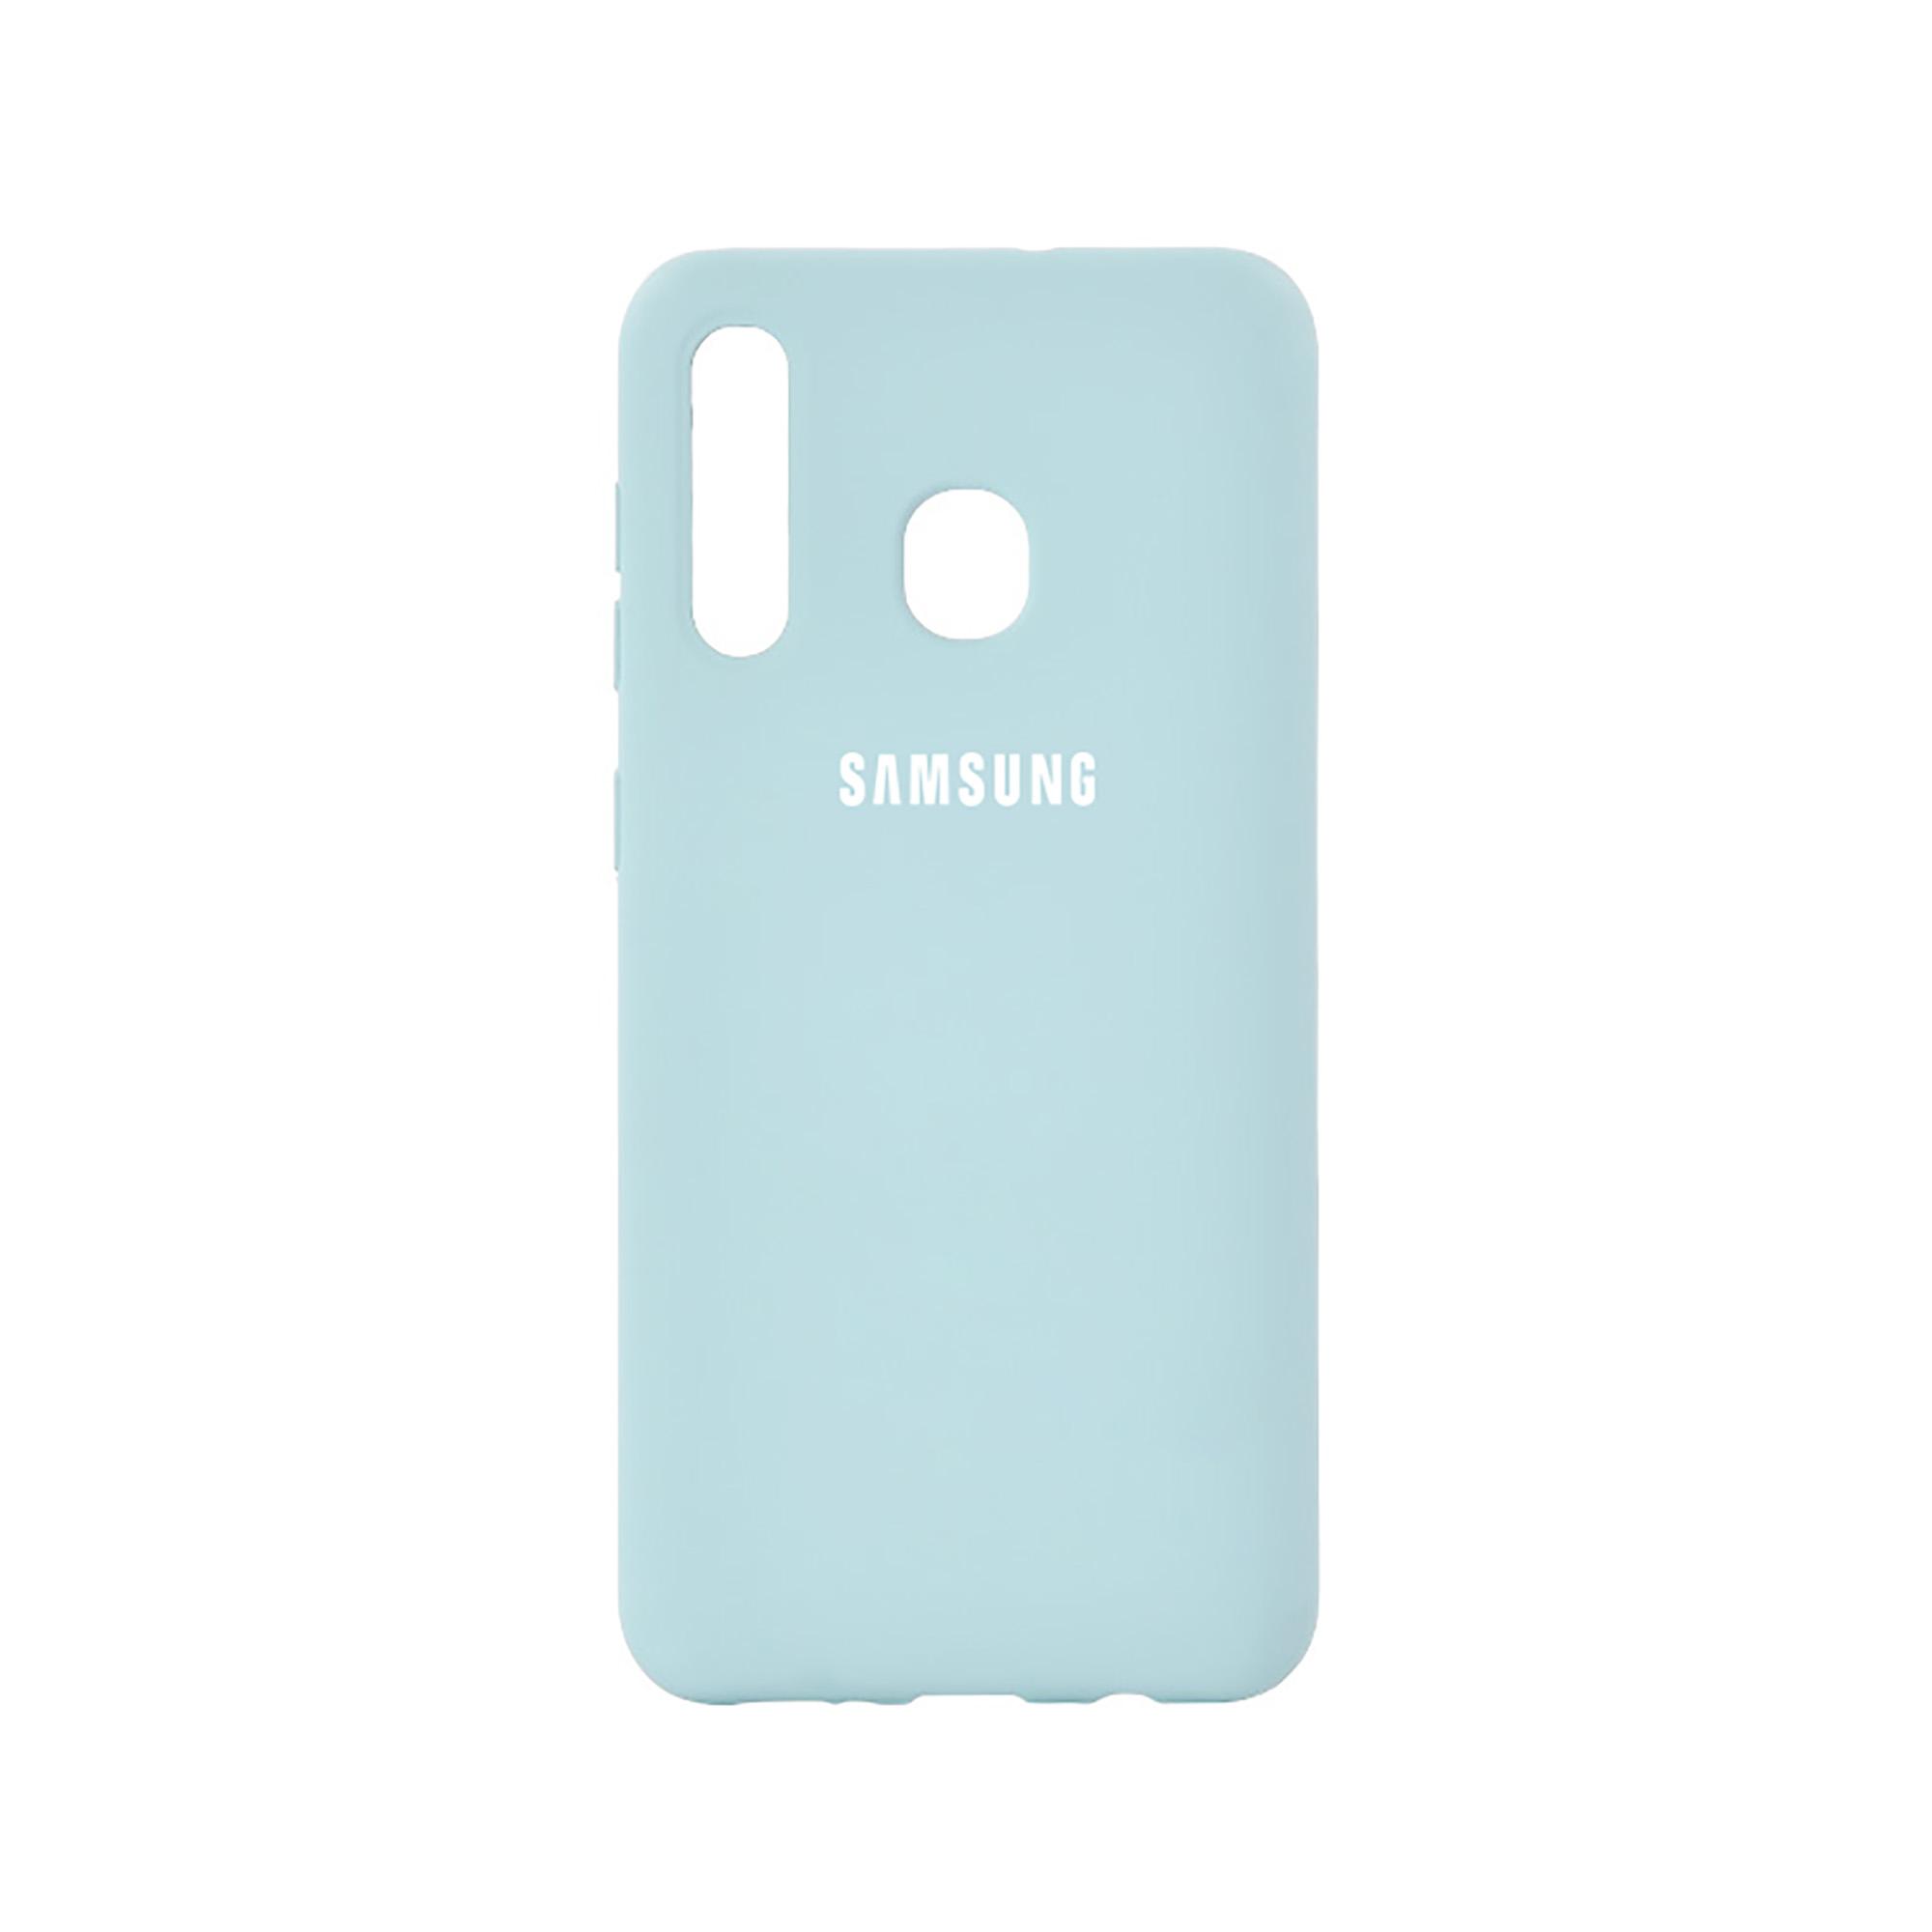 کاور مدل Silc مناسب برای گوشی موبایل سامسونگ Galaxy A20/A30                     غیر اصل